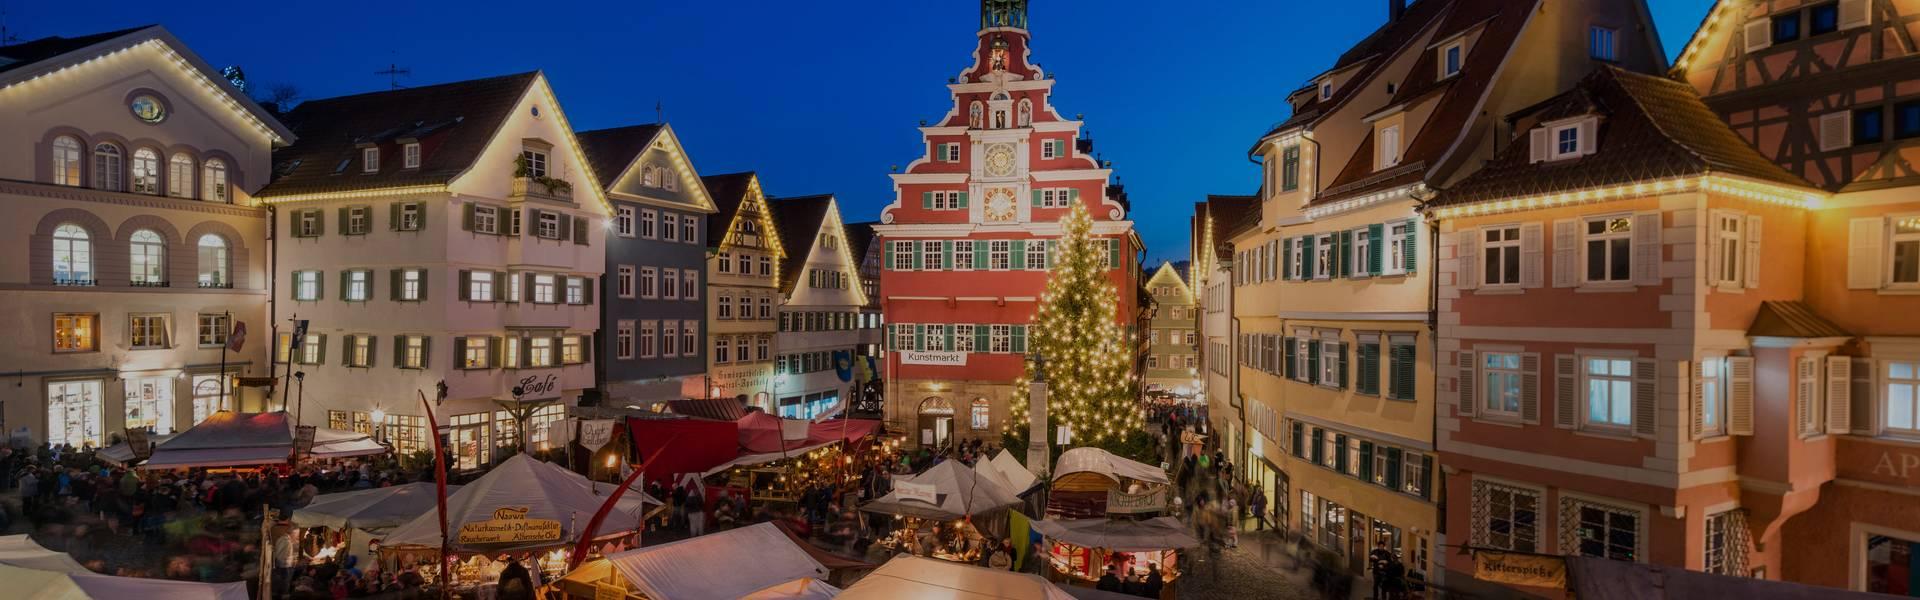 Baumkuchen-Salzwedel-Hennig-Wochenmarkt-Termine-Märkte-2